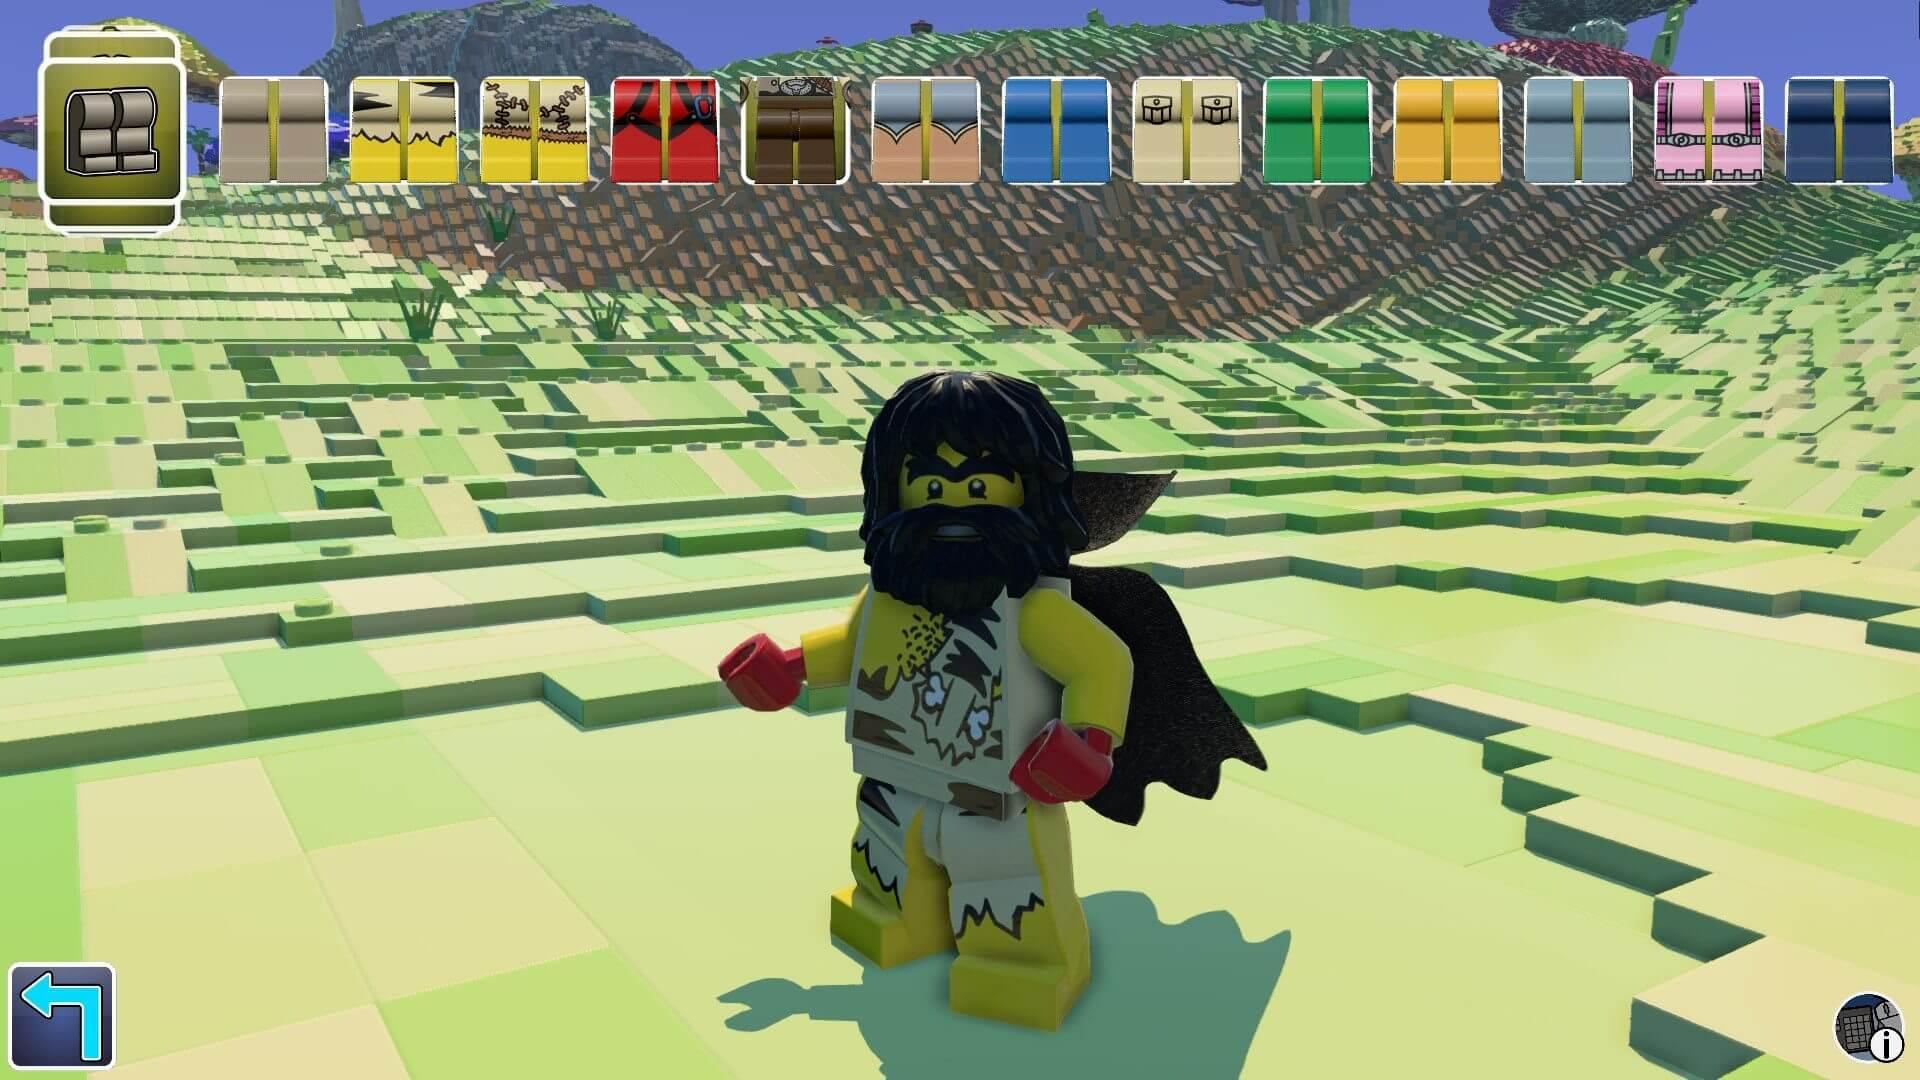 ss 4445ee4dd9c56266337aa8943be63afecbf2209e - LEGO Worlds: Um Minecraft para quem não joga Minecraft